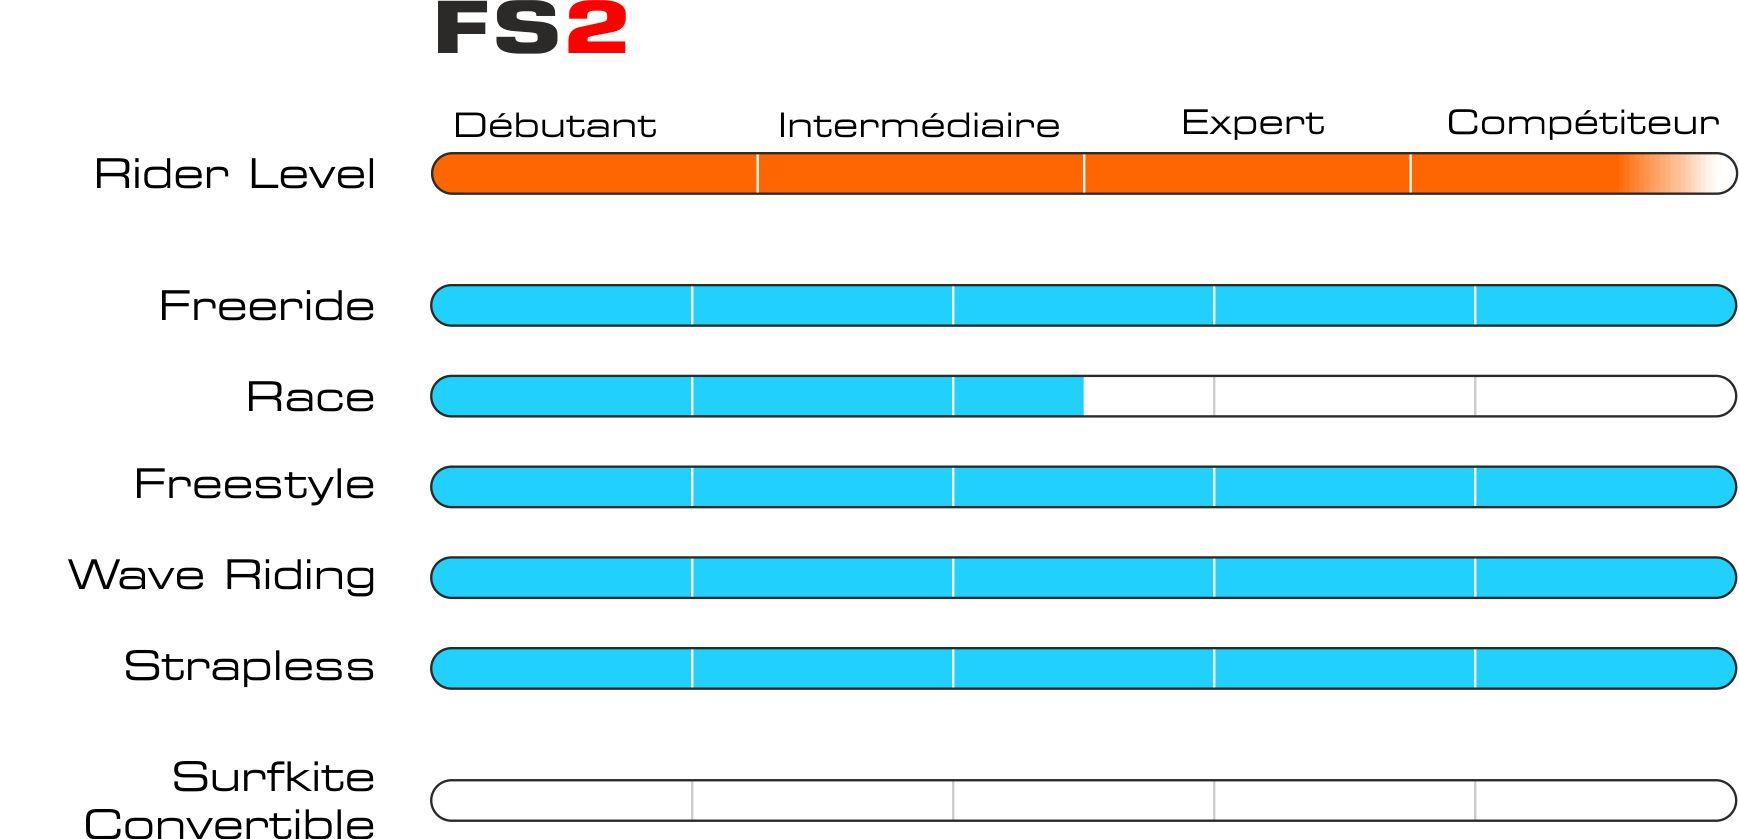 Graphique fs2 fr